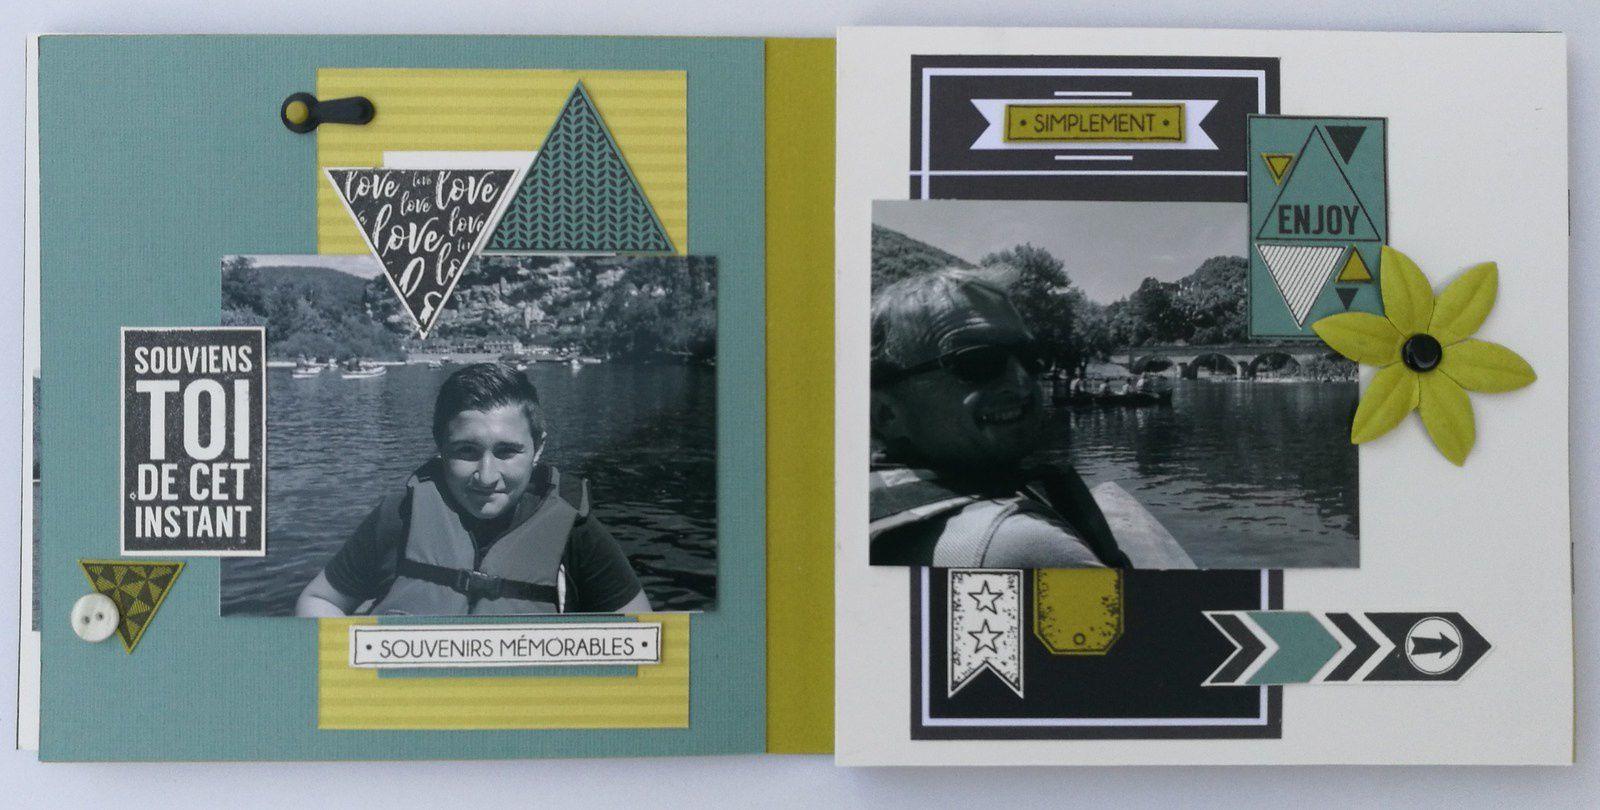 2 nouveaux minis albums